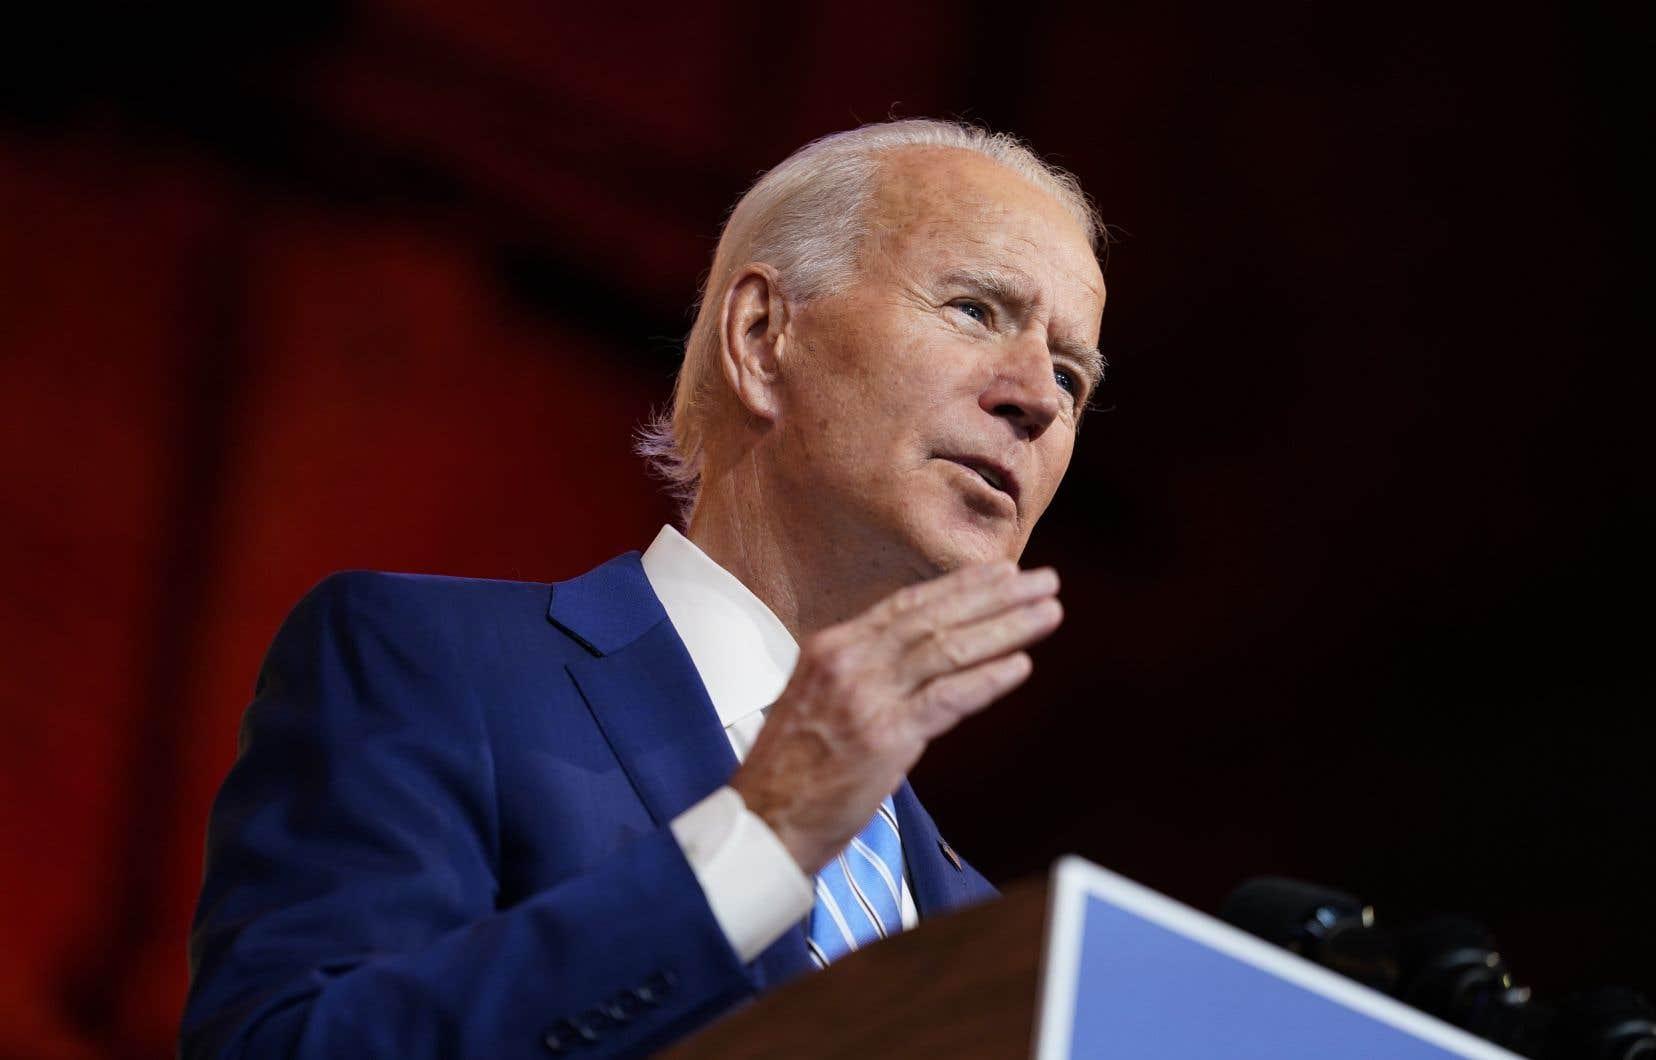 Les résultats de la Pennsylvanie ont été certifiés officiellement mardi en faveur de Joe Biden.